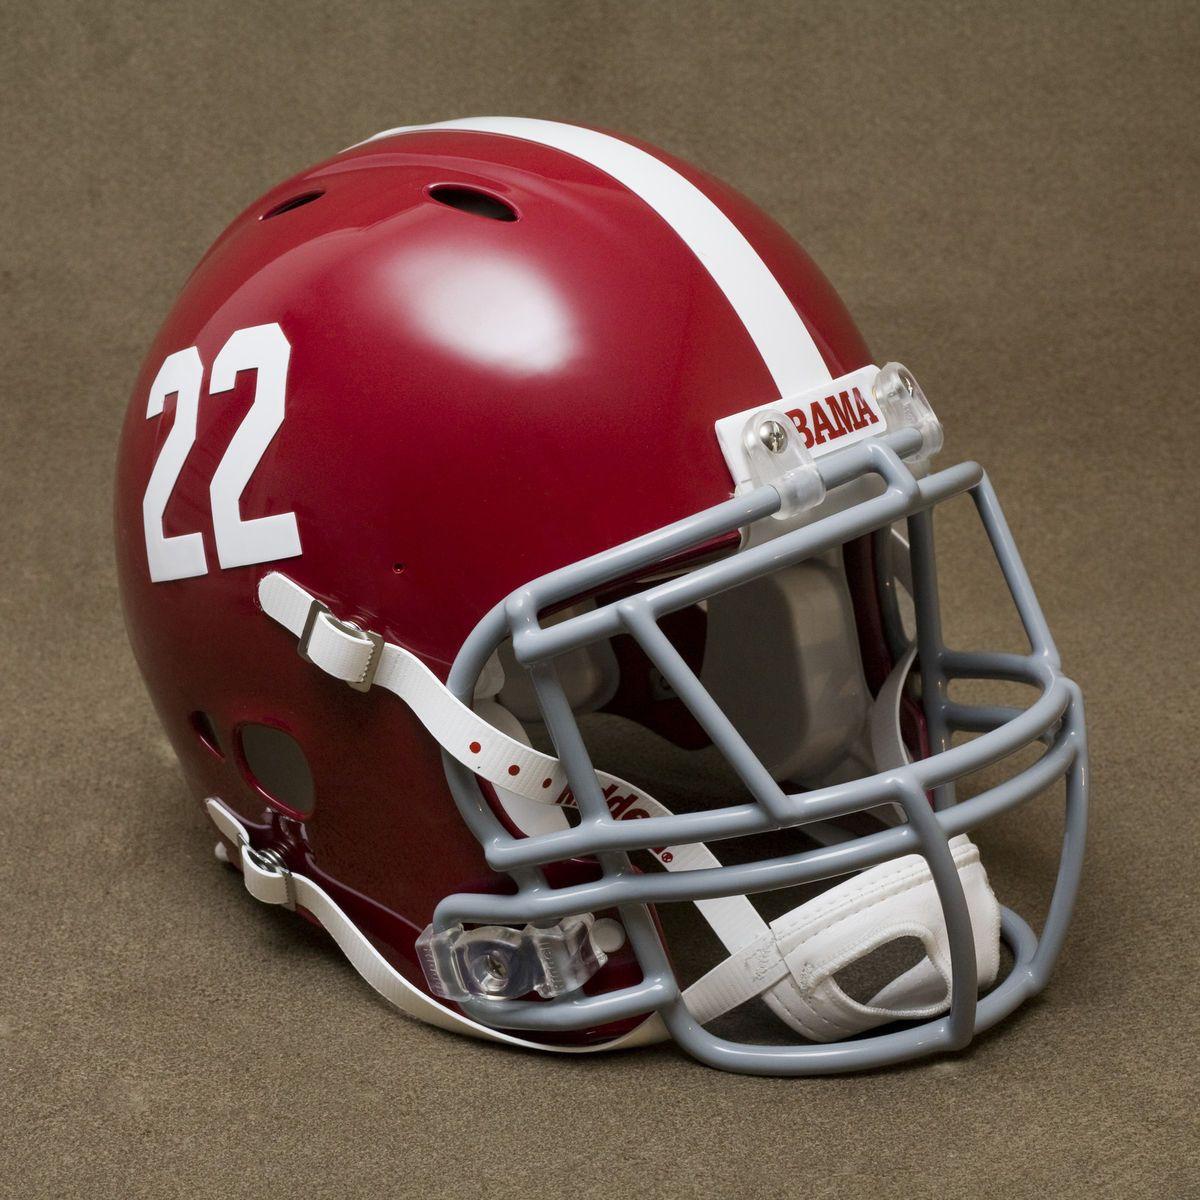 Mark Ingram Edition Alabama Crimson Tide Riddell Revolution Football